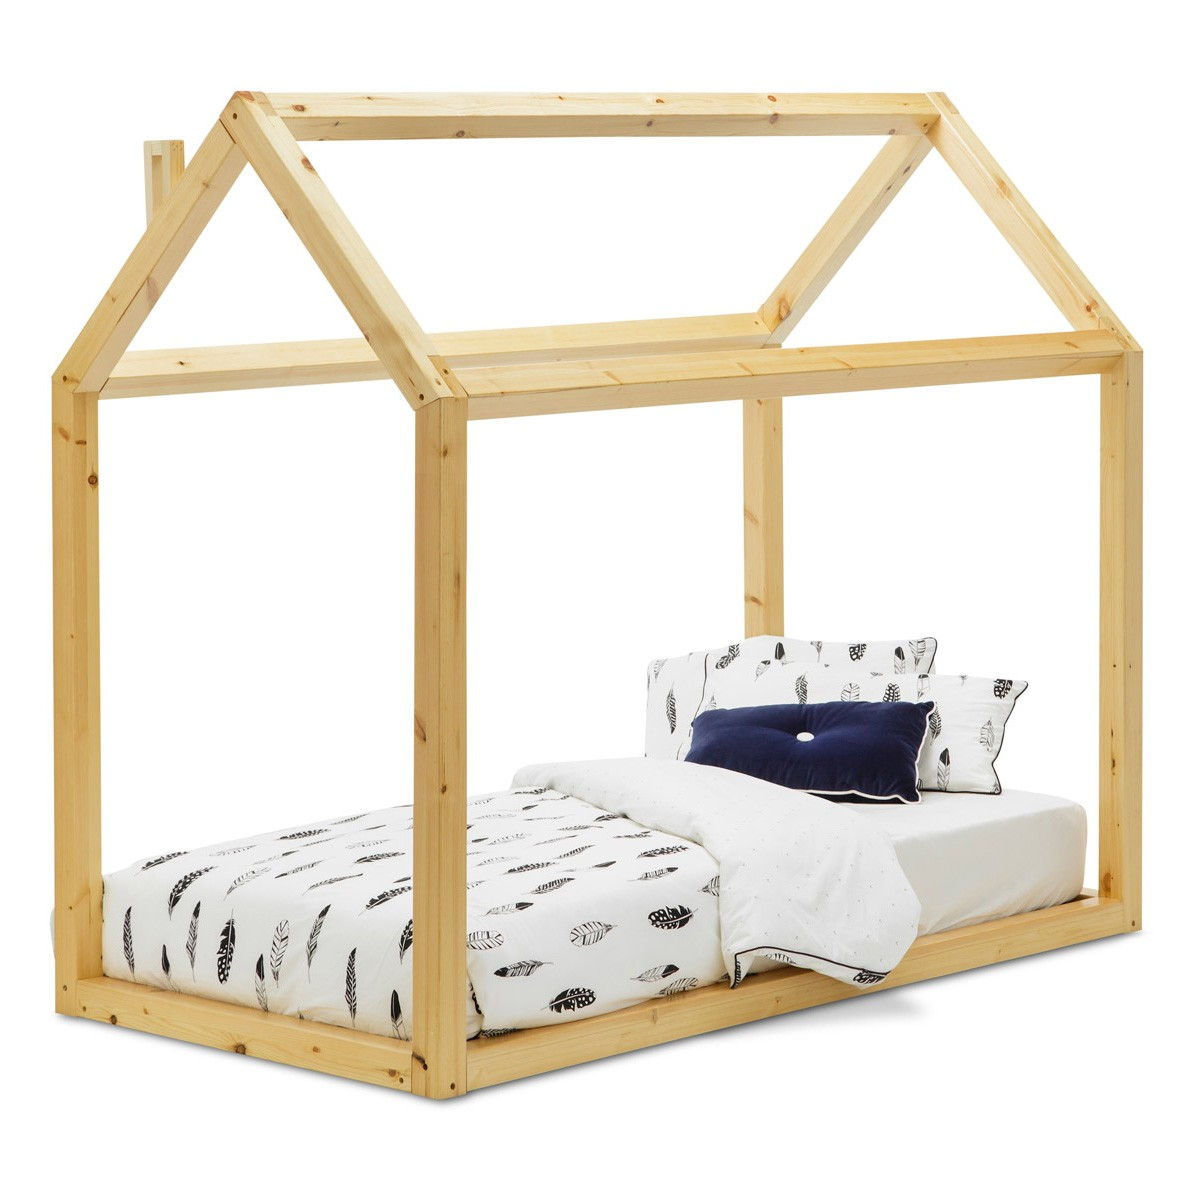 Attic Wooden Low Bed, Single, Golden Oak